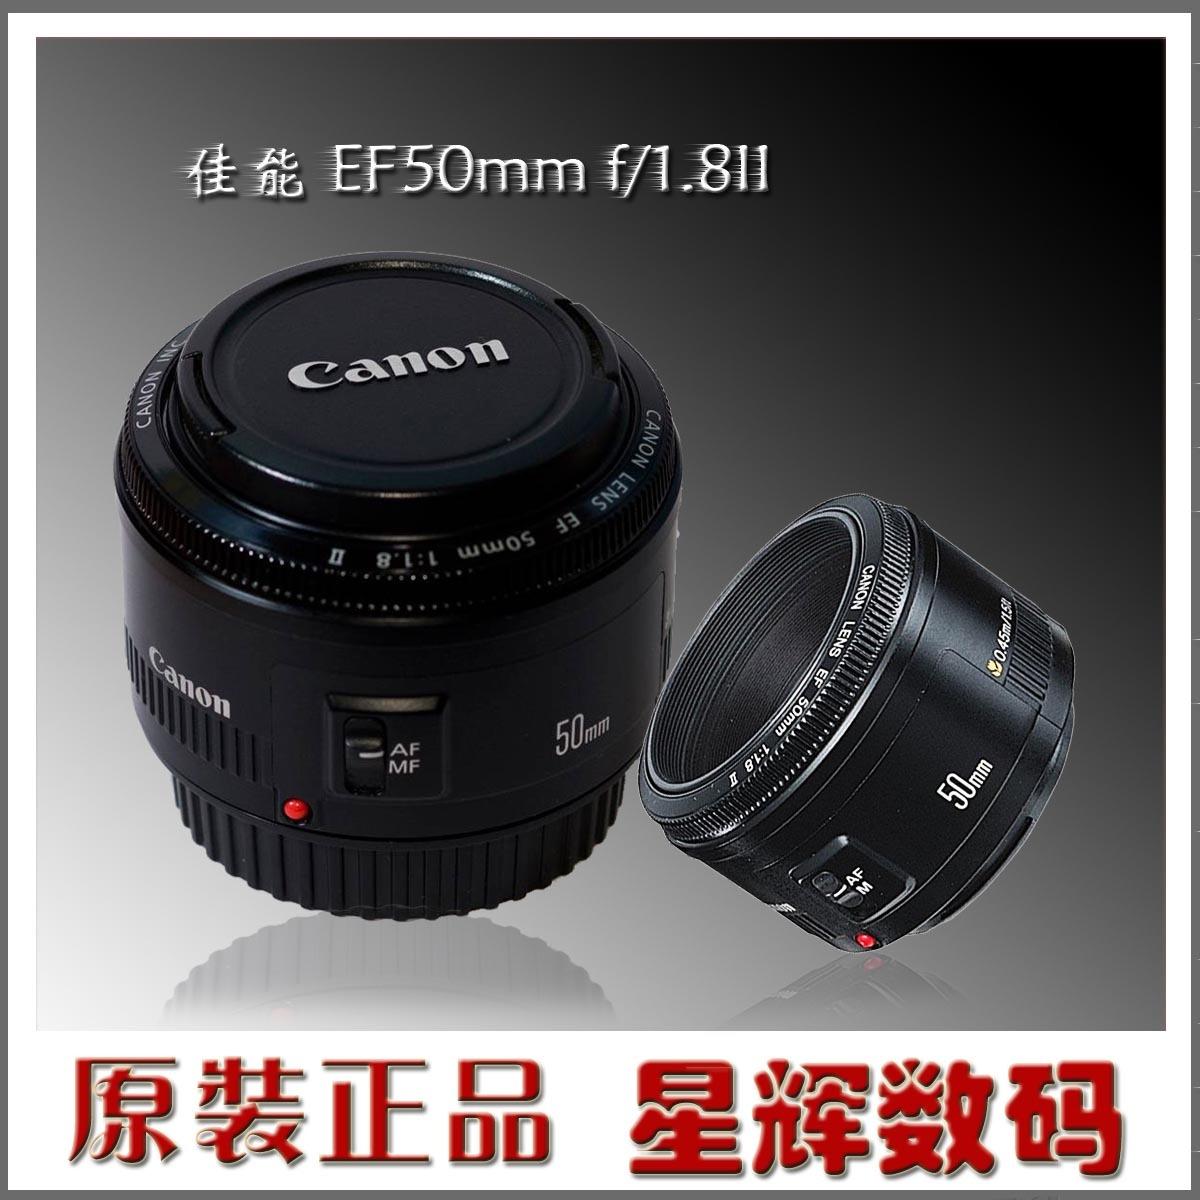 佳能 EF50mm f/1.8II镜头小痰盂穷人三宝50定焦人像玩具头